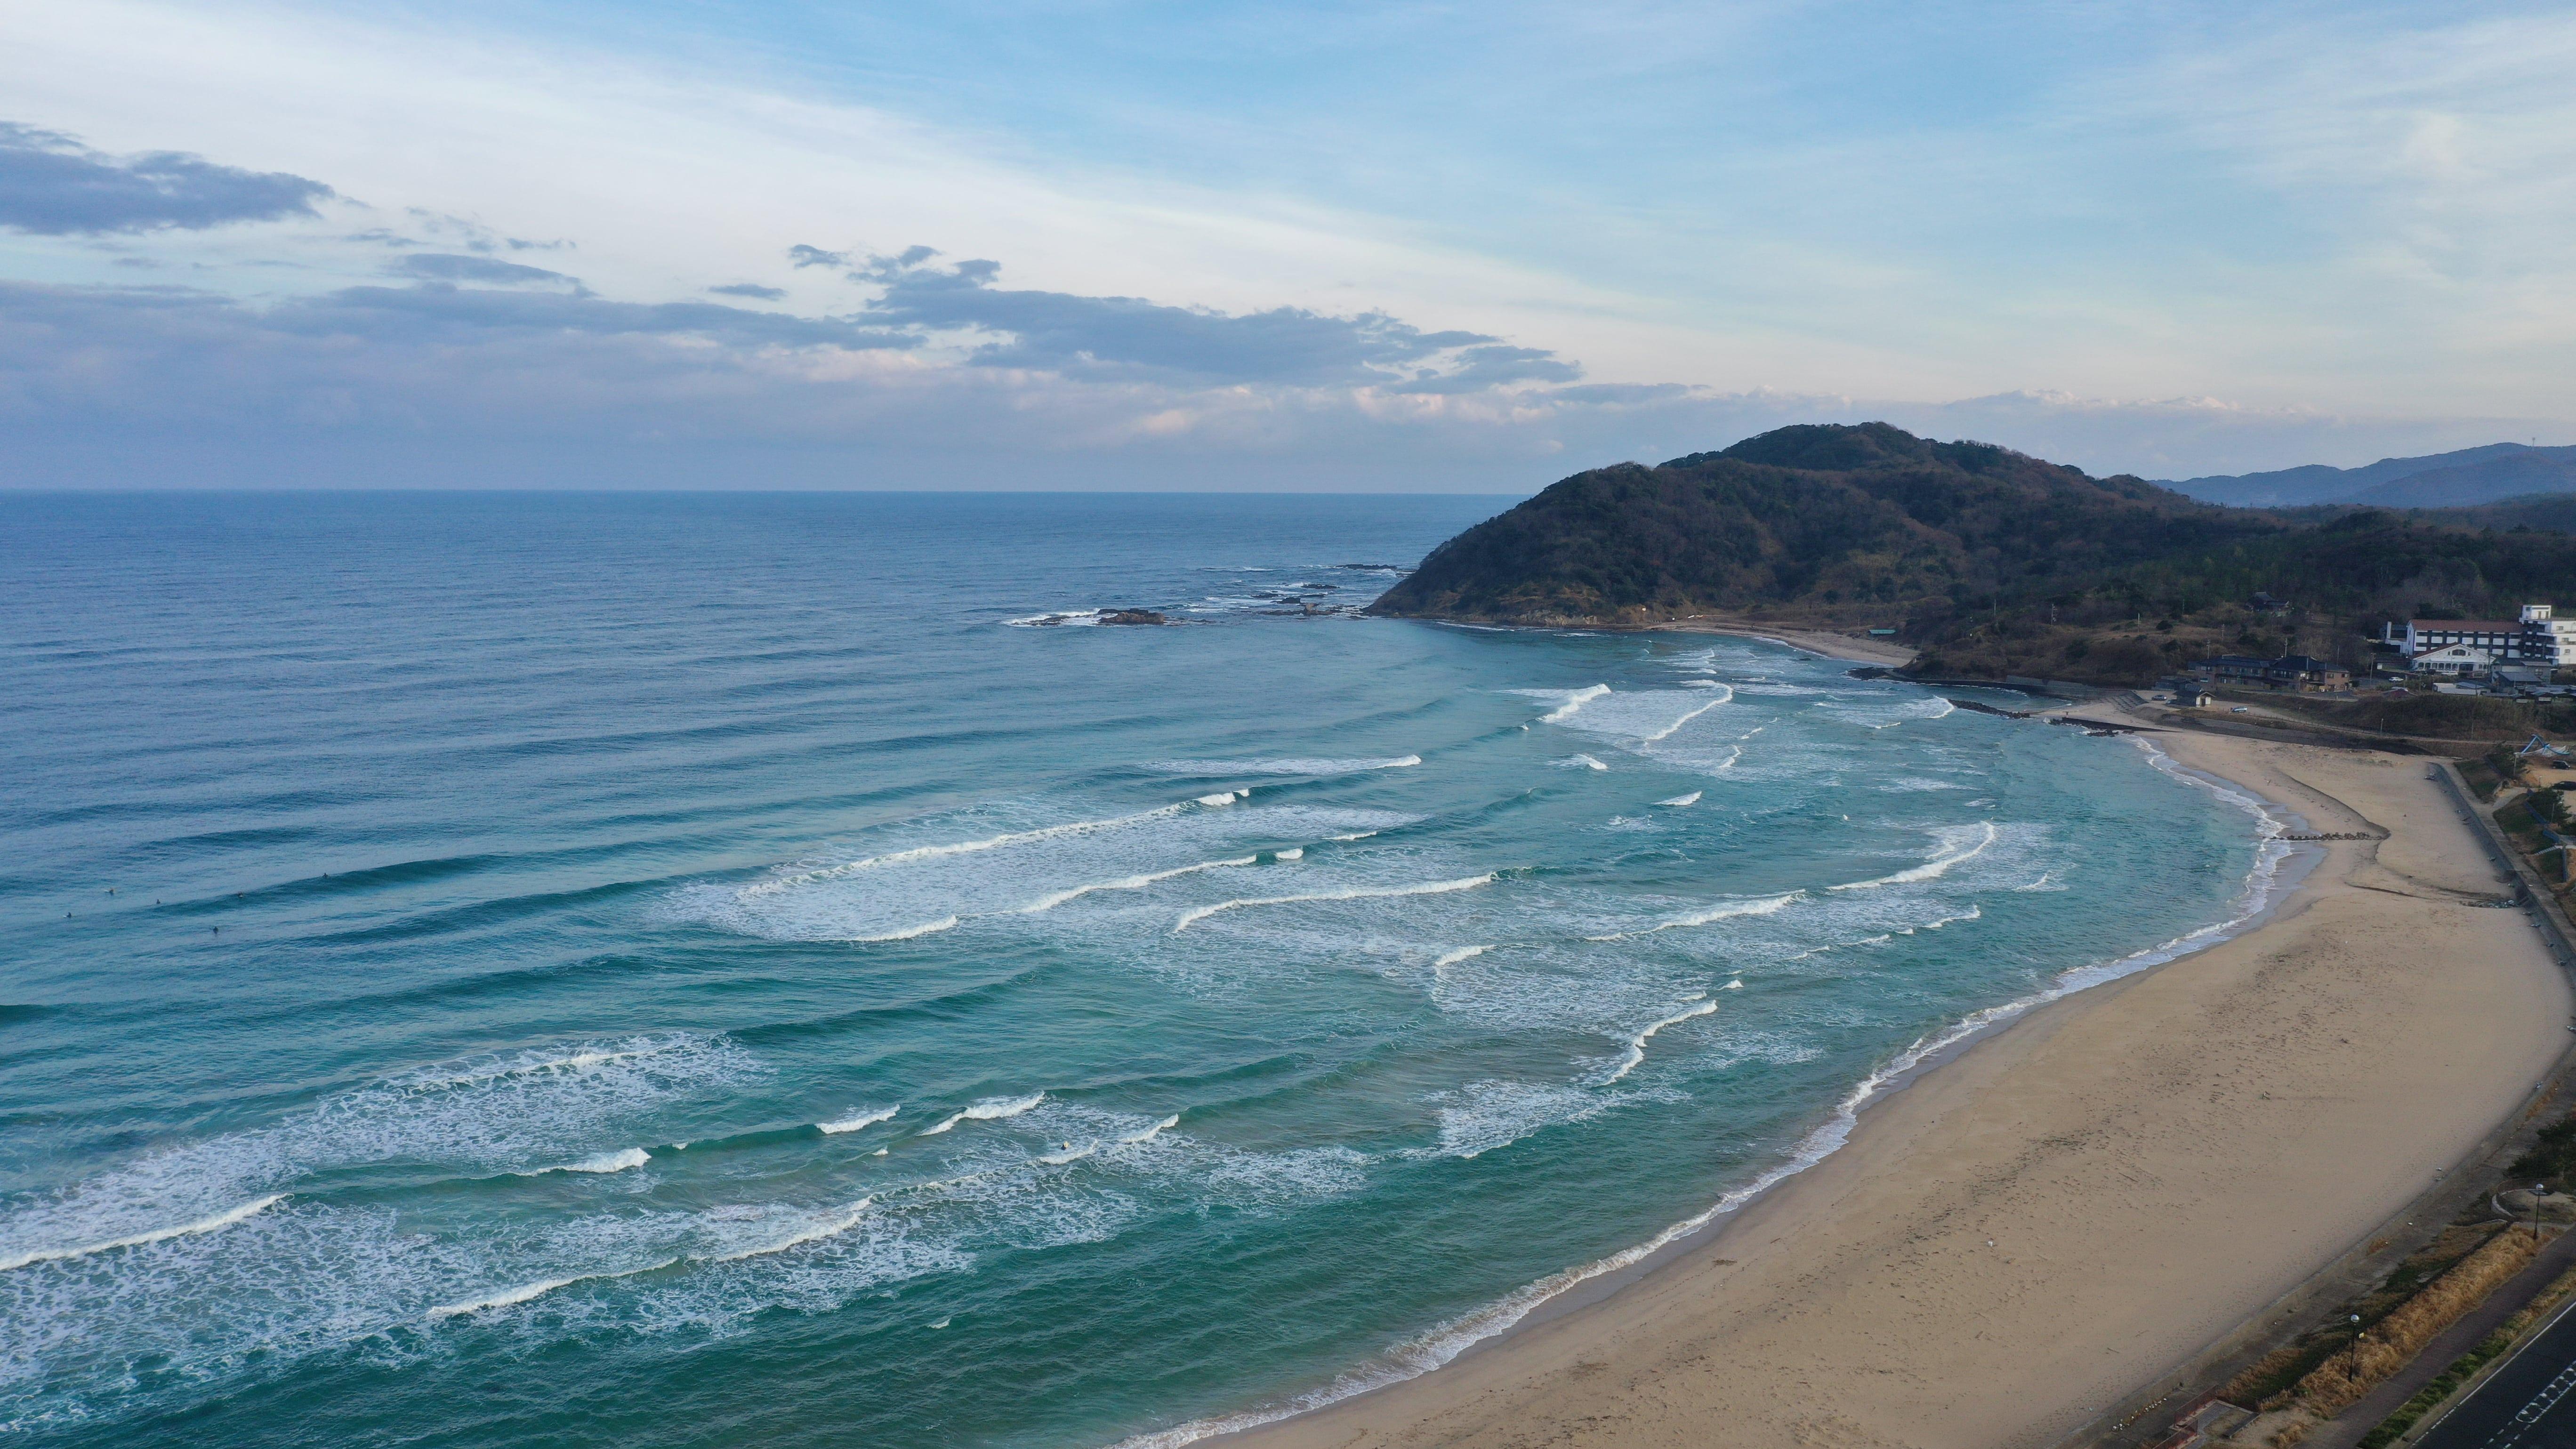 八丁浜(京都)冬のサーフィンレビュー!波の様子や周辺施設・アクセスは?